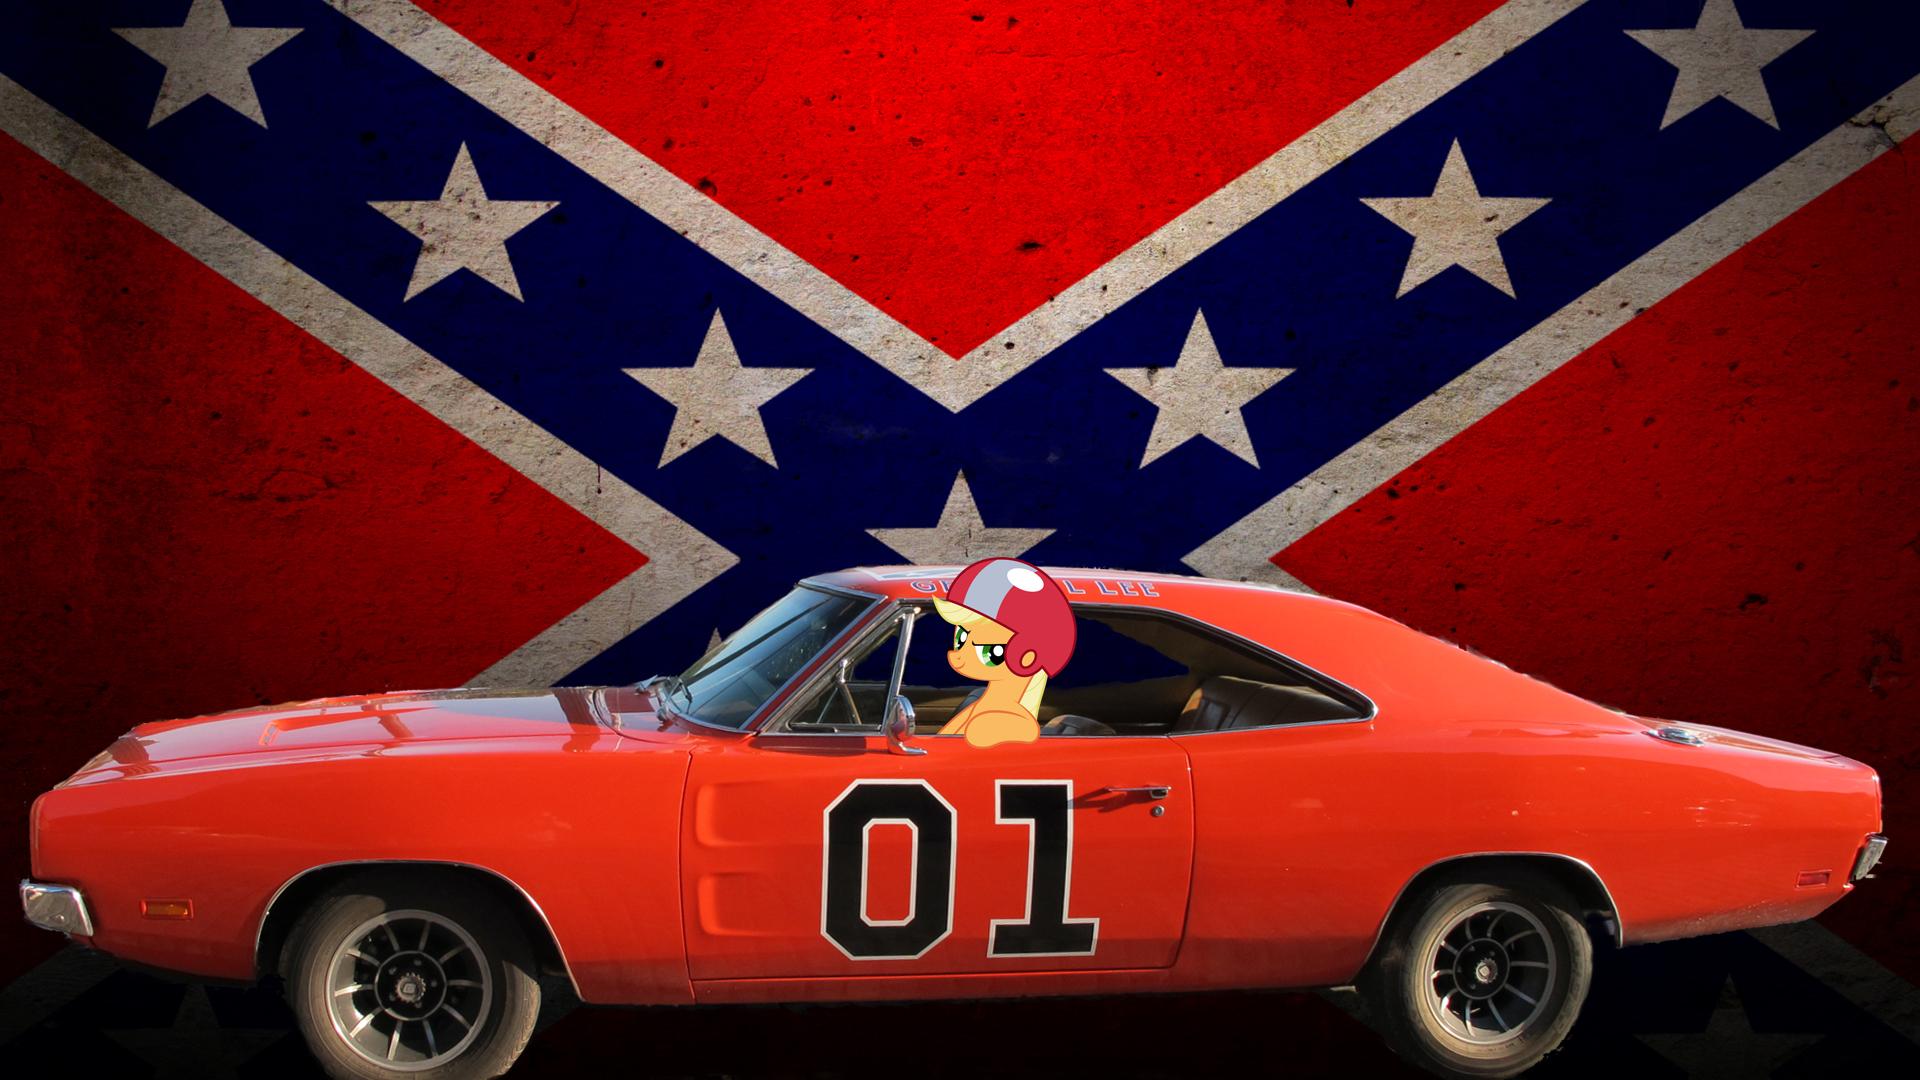 confederate flag wallpaper 1920x1080